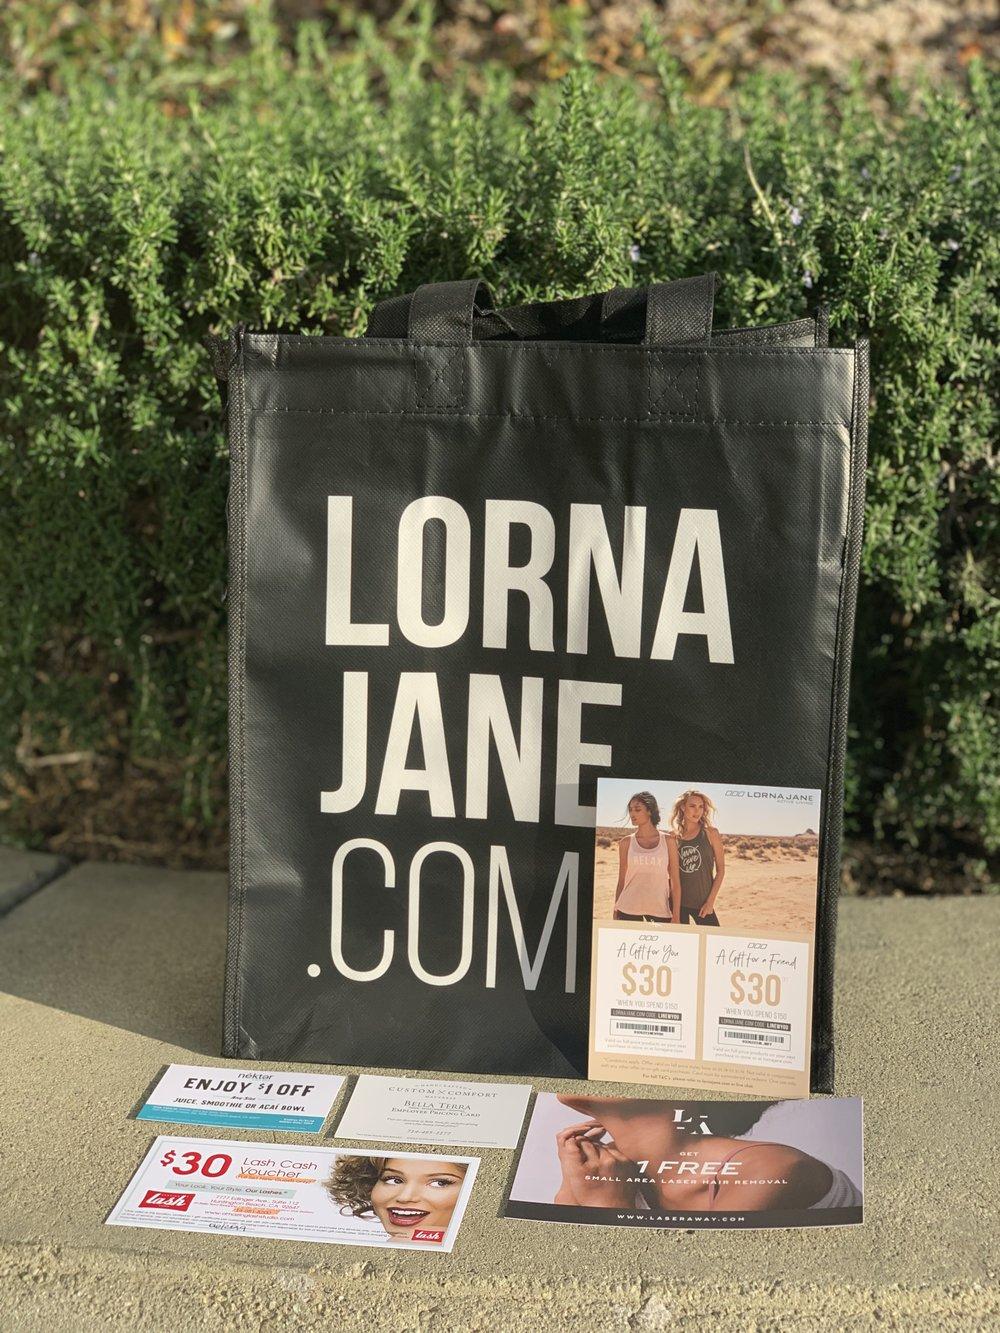 Lorna Jane Goodie Bag.jpg